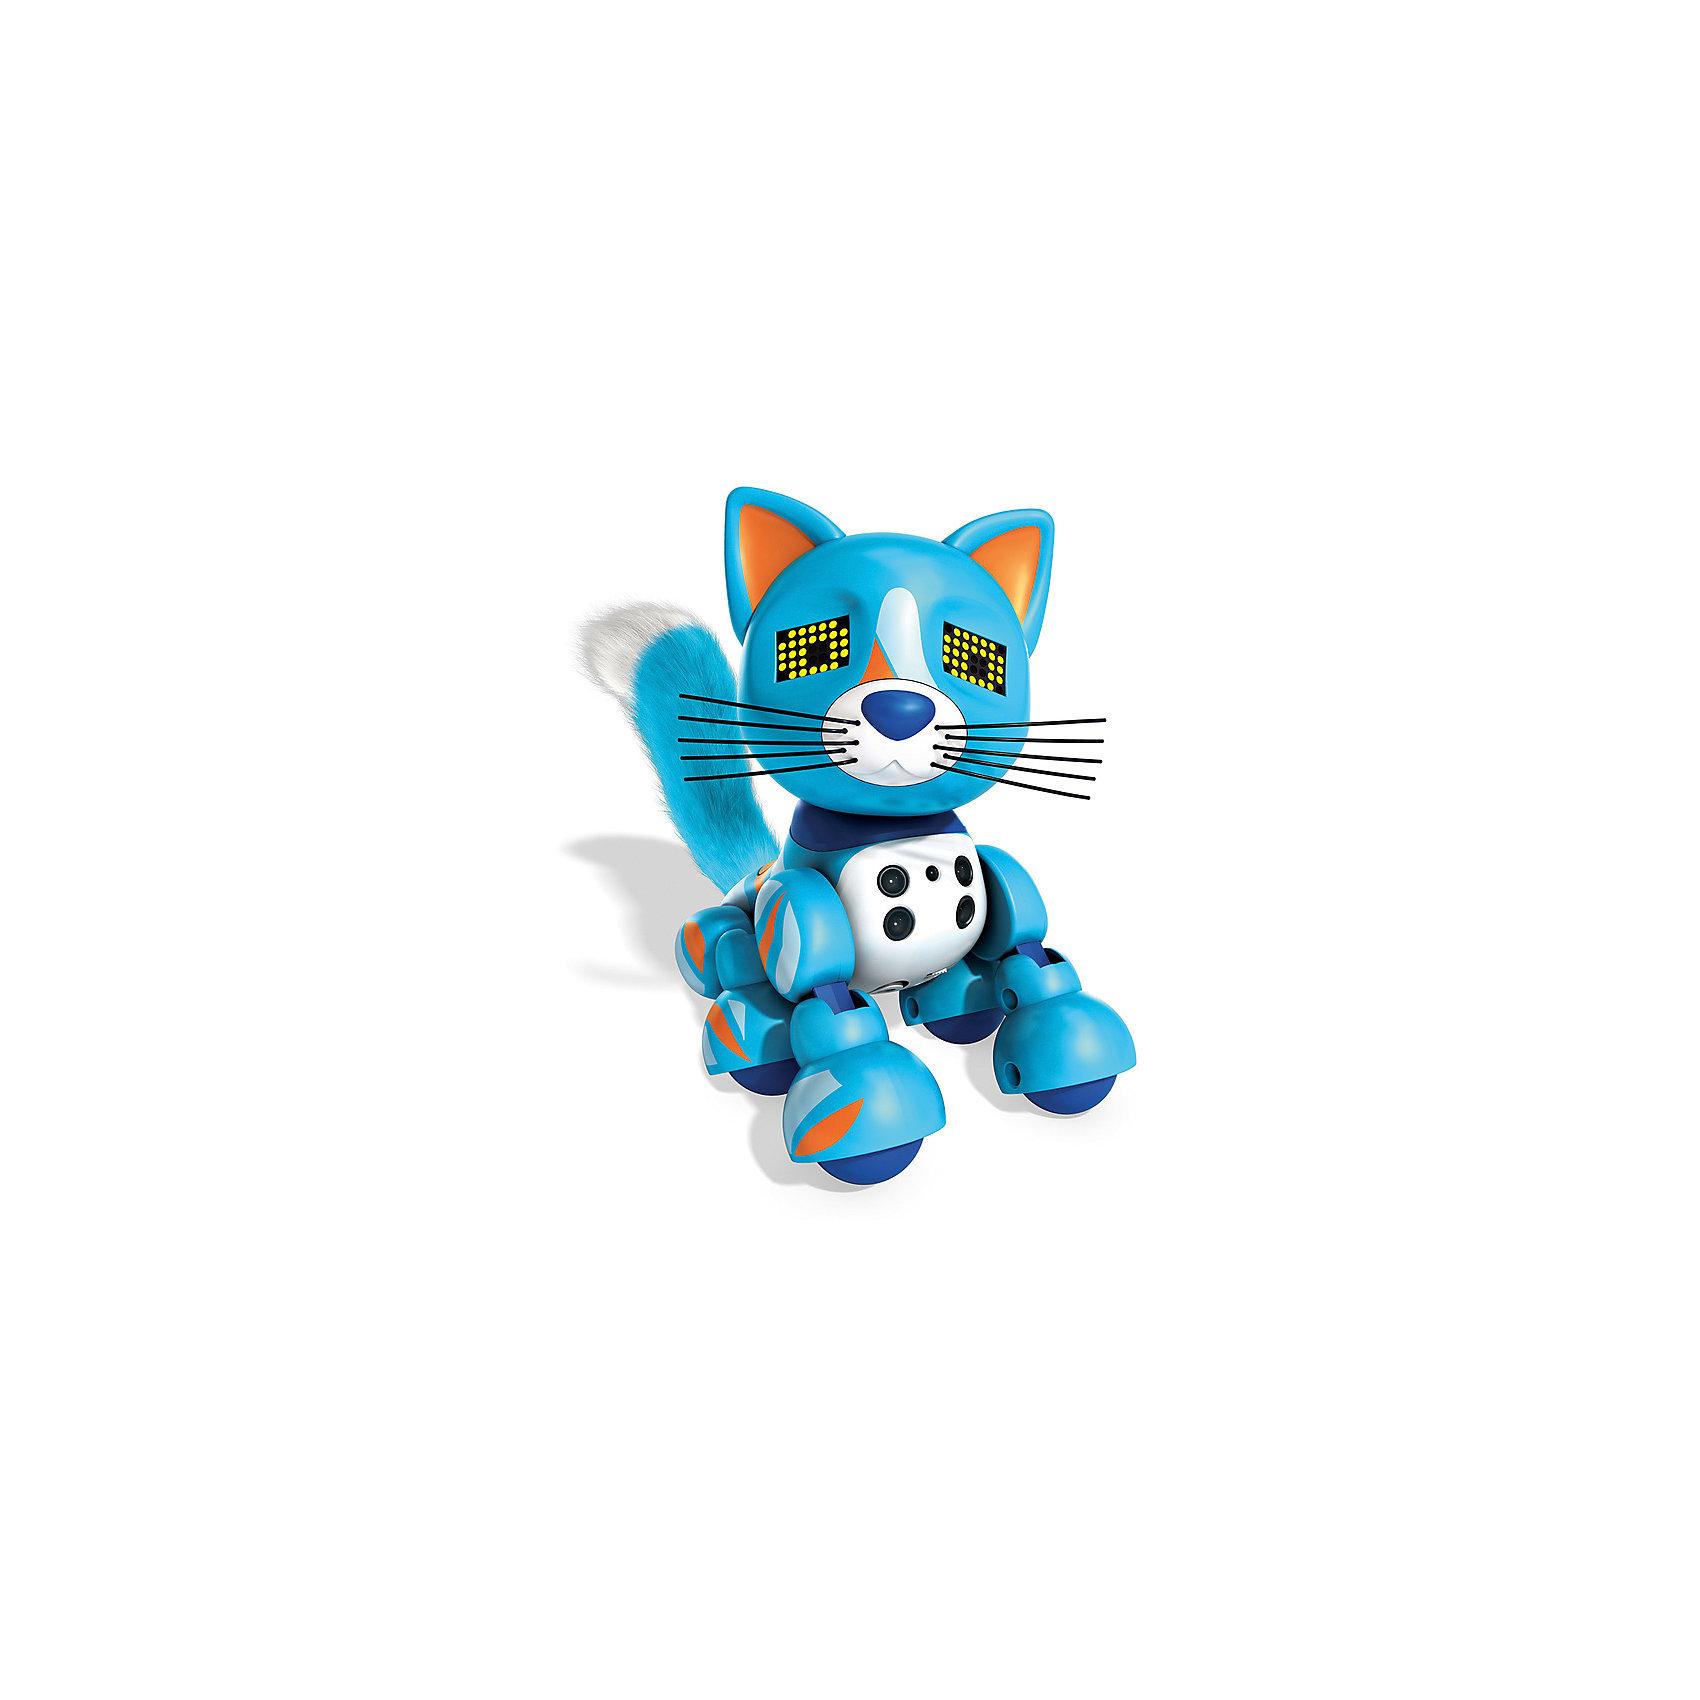 Интерактивный Котёнок, голубой, ZoomerХарактеристики товара:<br><br>- цвет: голубой;<br>- материал: пластик, текстиль;<br>- батарейки: 3xAG13/LR44, в комплекте;<br>- размер упаковки: 20x18x14 см;<br>- вес: 660 г;<br>- умеет реагировать на прикосновение и движение, играет в различные игры, произносит звуки.<br><br>Такая игрушка в виде котенка поможет ребенку весело проводить время - он умеет реагировать на прикосновение и движение, играет в различные игры, произносит звуки. Это выглядит очень забавно! Игрушка реагирует на движения благодаря сенсорам и ИК-порту, также у неё можно активировать подсветку глаз.<br>Этот котенок способен помогать всестороннему развитию ребенка: развивать тактильное восприятие, мелкую моторику, воображение, внимание и логику. Изделие произведено из качественных проверенных материалов, безопасных для малышей. Ёж станет отличным подарком детям!<br><br>Игрушку Интерактивный Котёнок, голубой, от бренда Zoomer можно купить в нашем интернет-магазине.<br><br>Ширина мм: 215<br>Глубина мм: 180<br>Высота мм: 135<br>Вес г: 532<br>Возраст от месяцев: 36<br>Возраст до месяцев: 2147483647<br>Пол: Унисекс<br>Возраст: Детский<br>SKU: 5140254